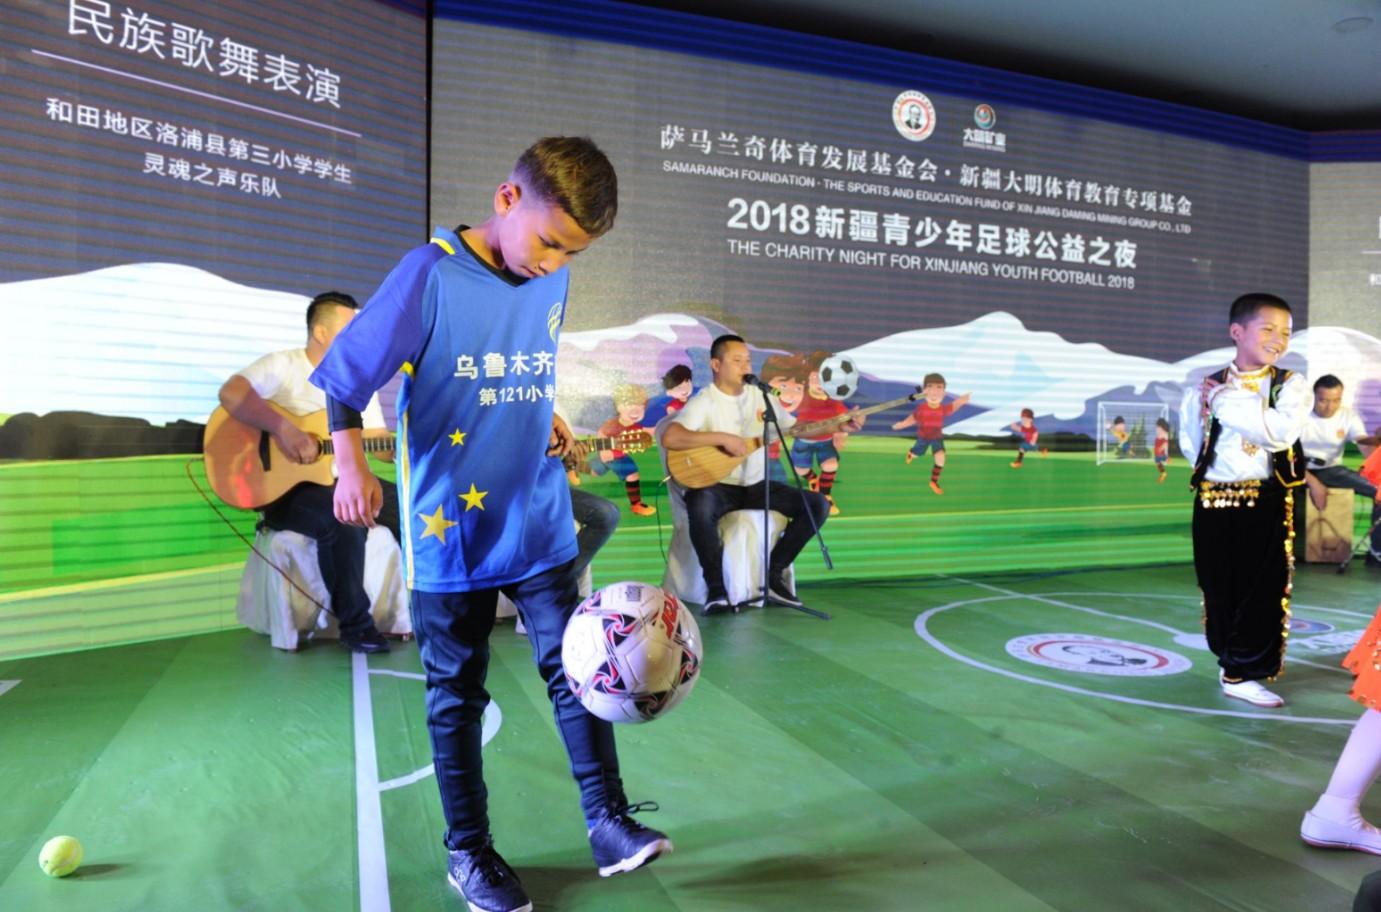 降新疆搞青训 愿花十年磨一剑只为中国足球未